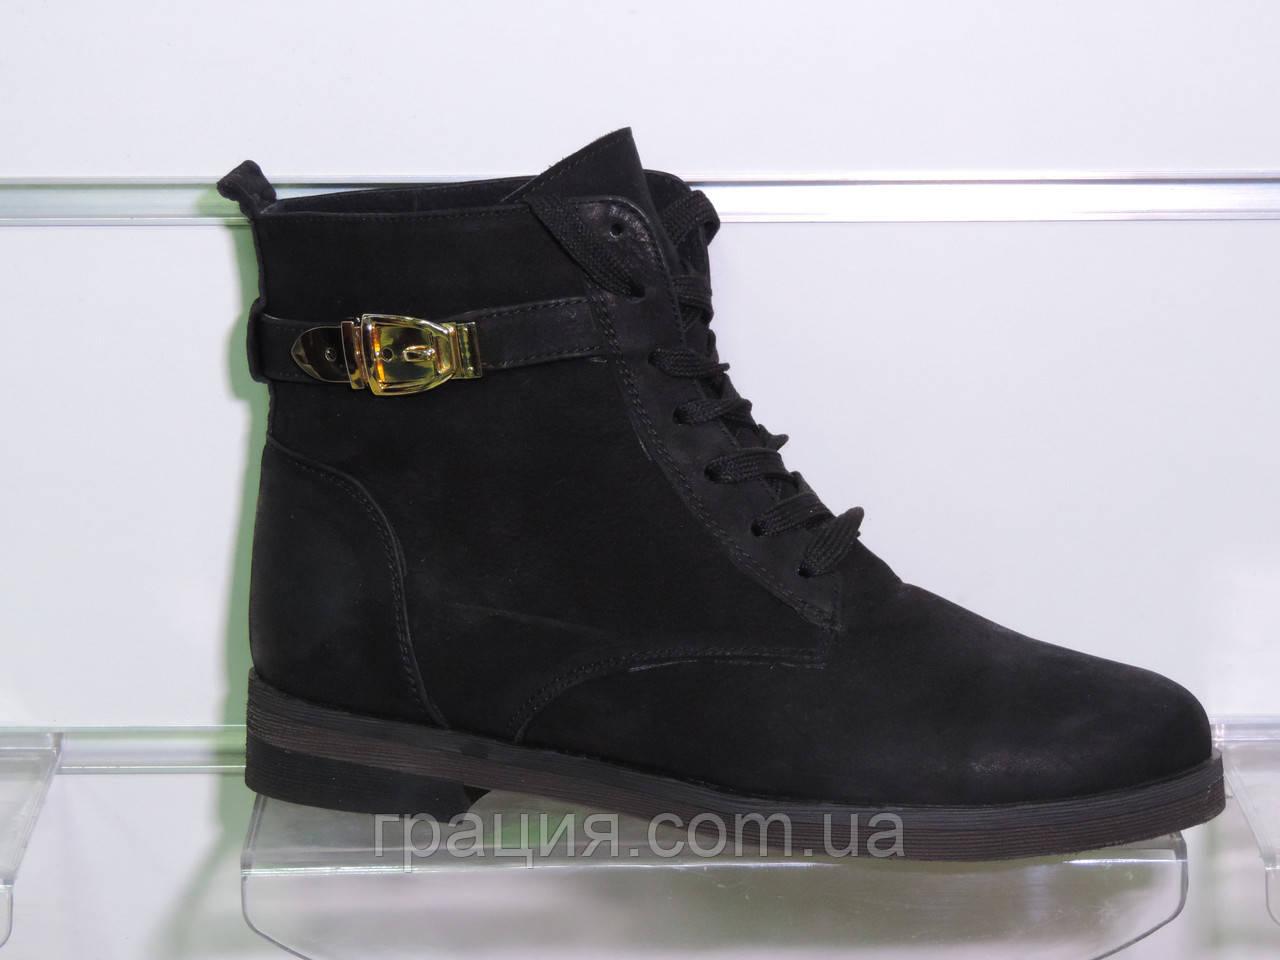 Зимові жіночі шкіряні черевики на шнурівці чорні